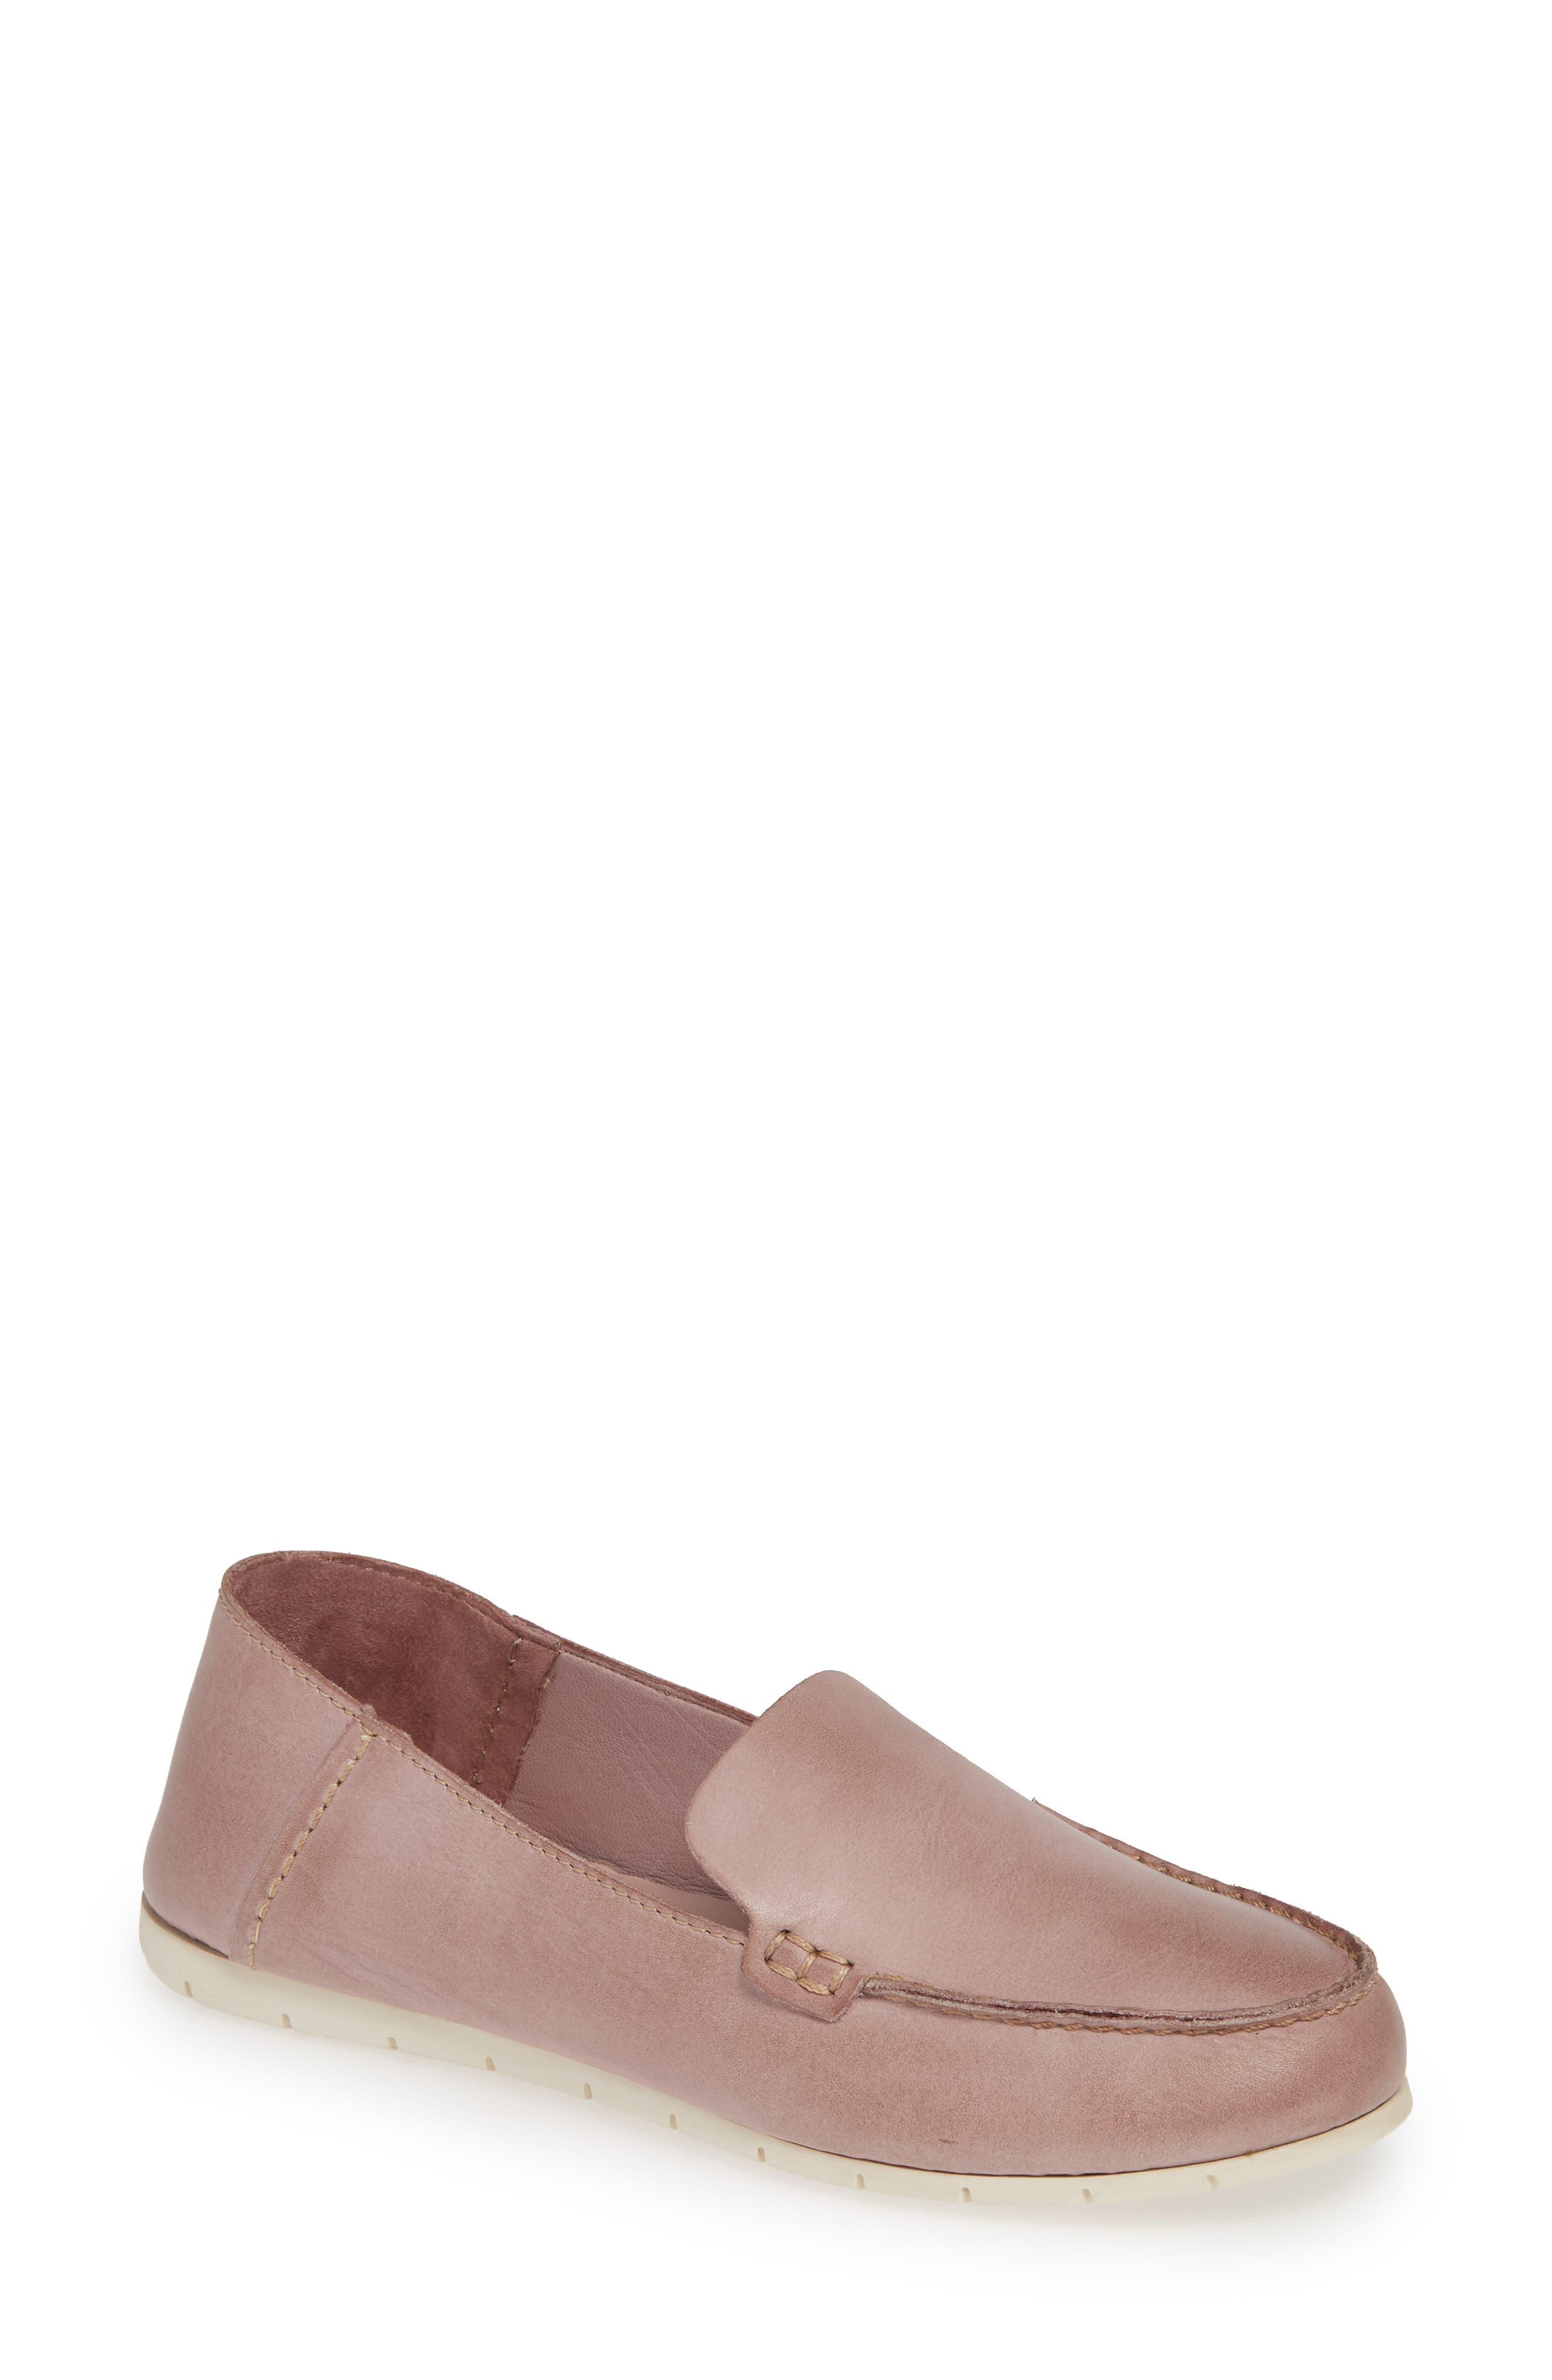 Sedona Venetian Loafer,                             Main thumbnail 1, color,                             LILAC